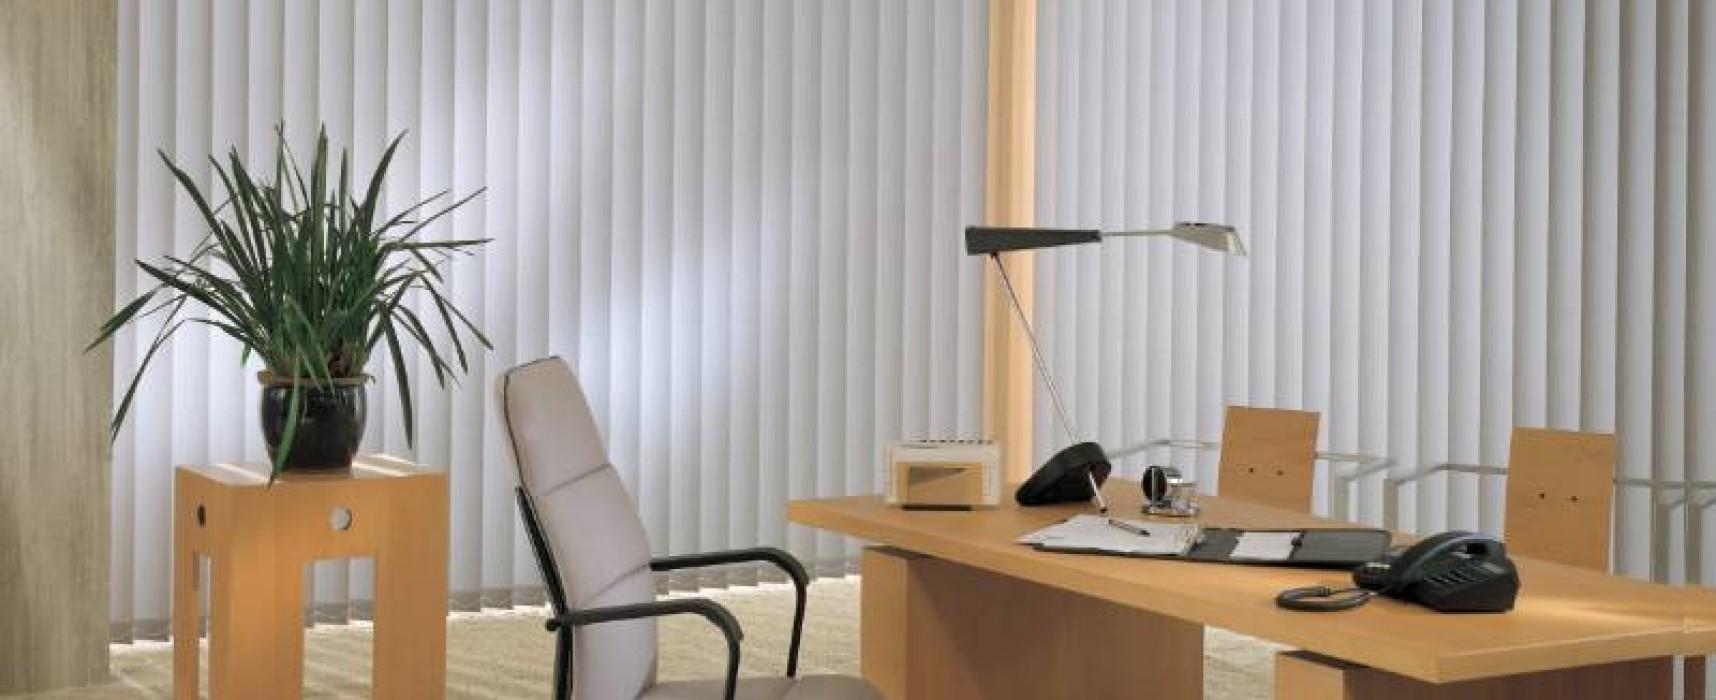 ГОСТ 122056-81 Система стандартов безопасности труда